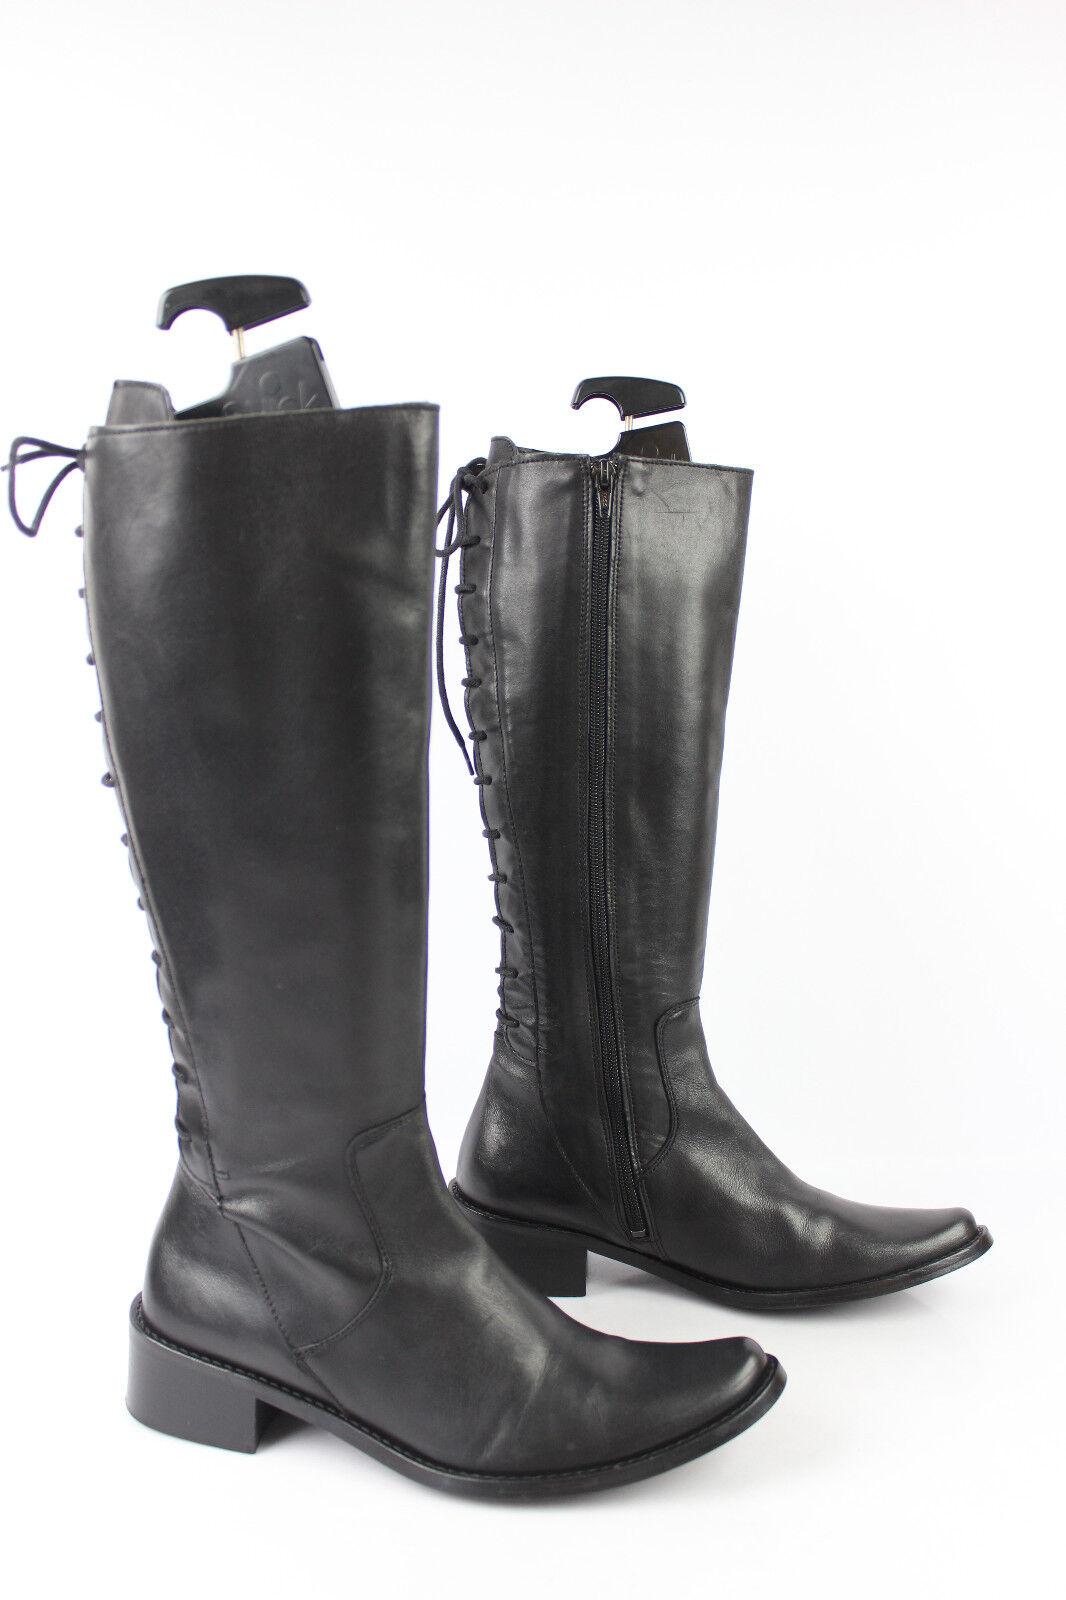 Stiefel Schnürsenkel schwarzes Leder Verdoppelt Leder T 38 sehr guter Zustand